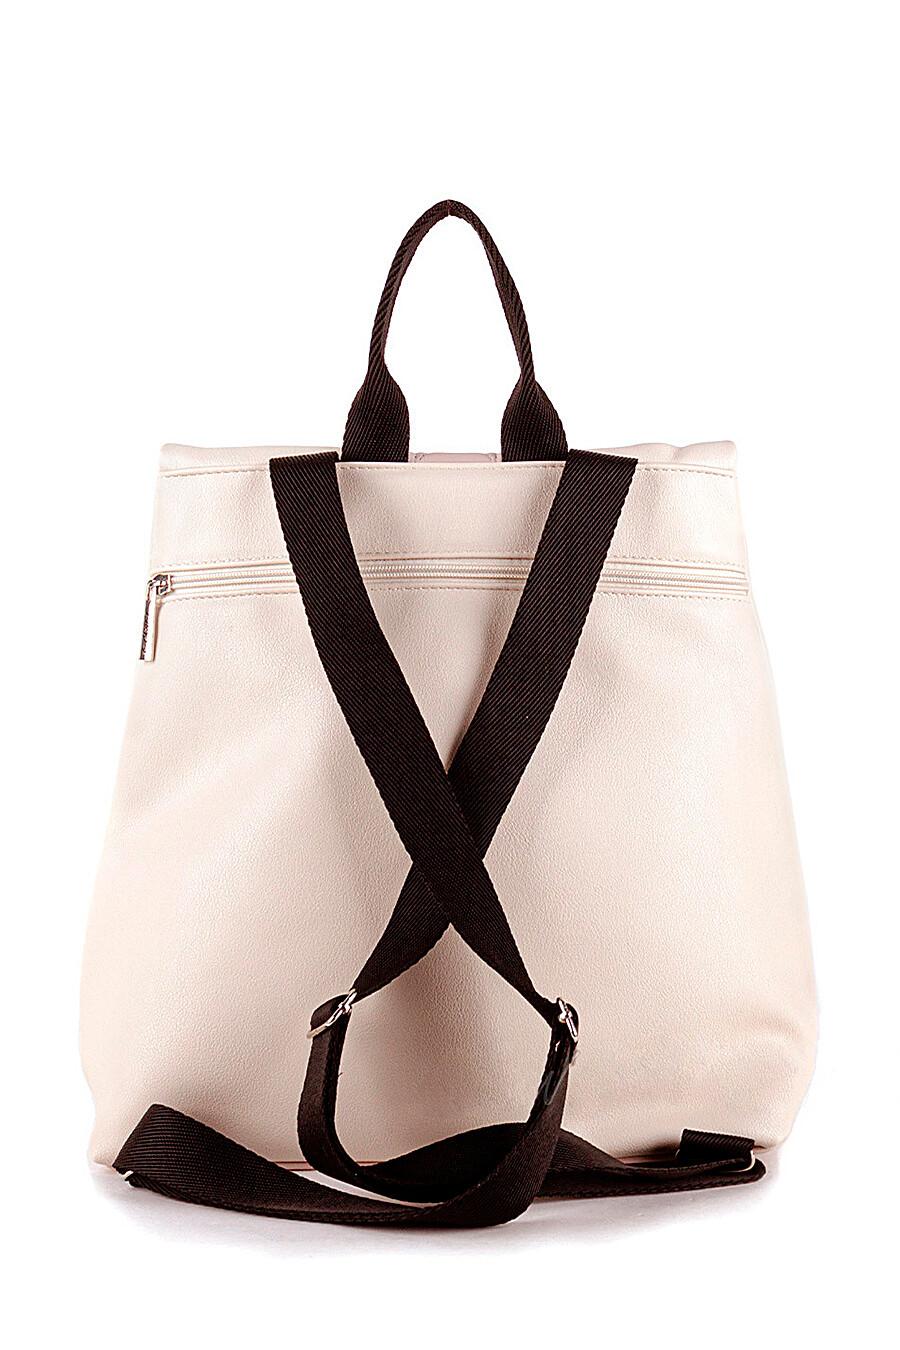 Сумка для женщин L-CRAFT 667913 купить оптом от производителя. Совместная покупка женской одежды в OptMoyo